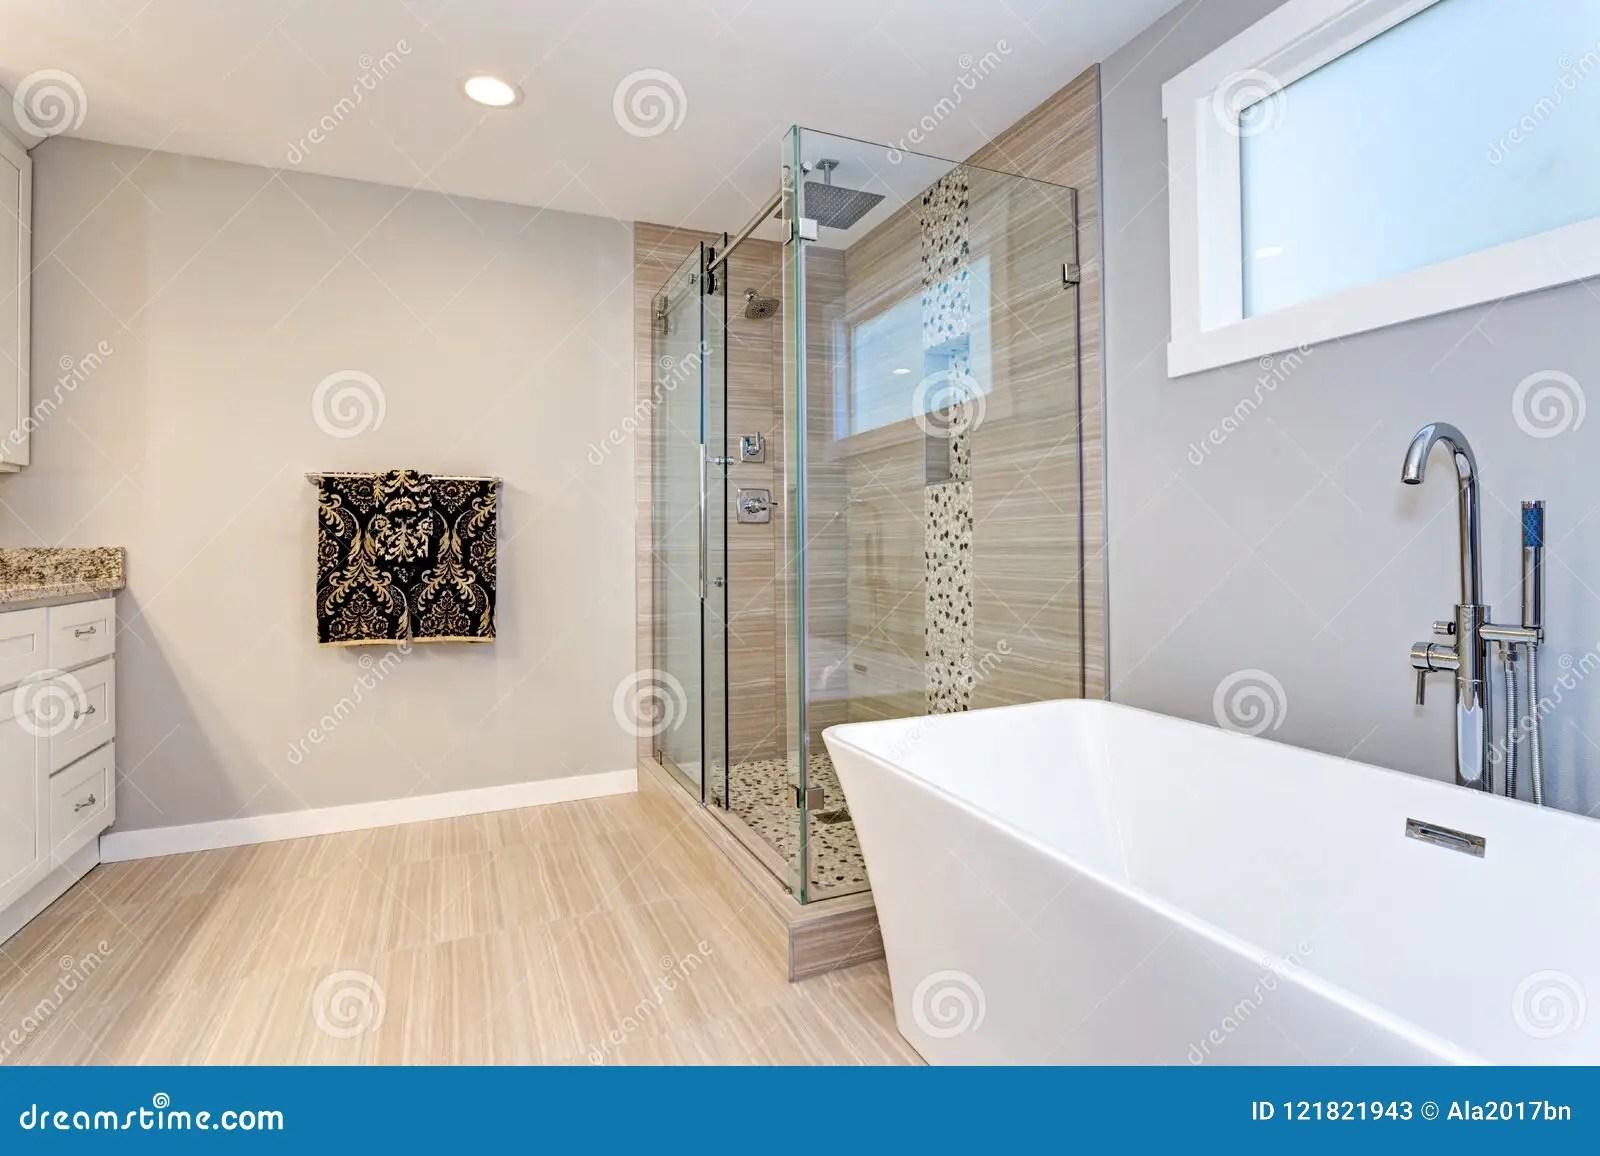 Diseño De Cuartos De Baño Con Ducha | Diseños Cuartos De Baño Con ...